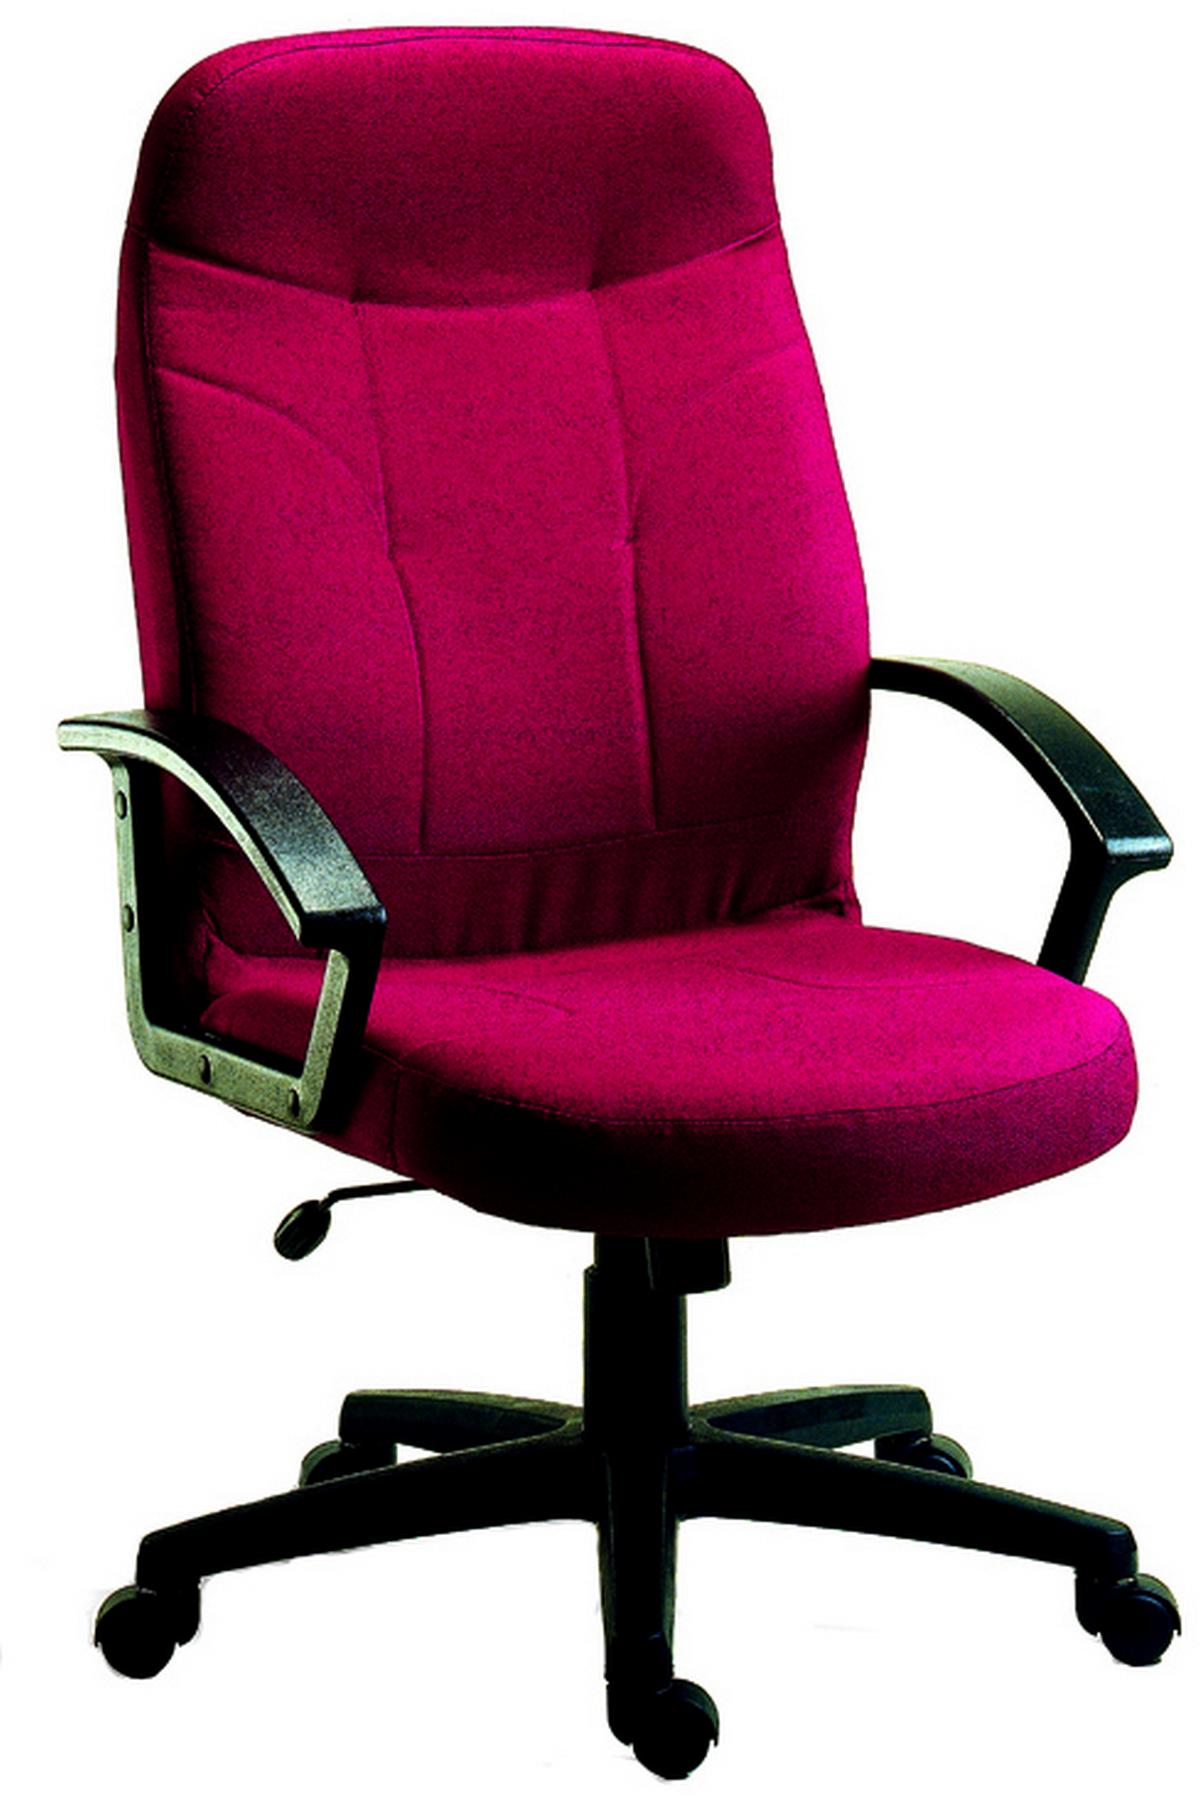 Mayfair Fabric Executive Chair